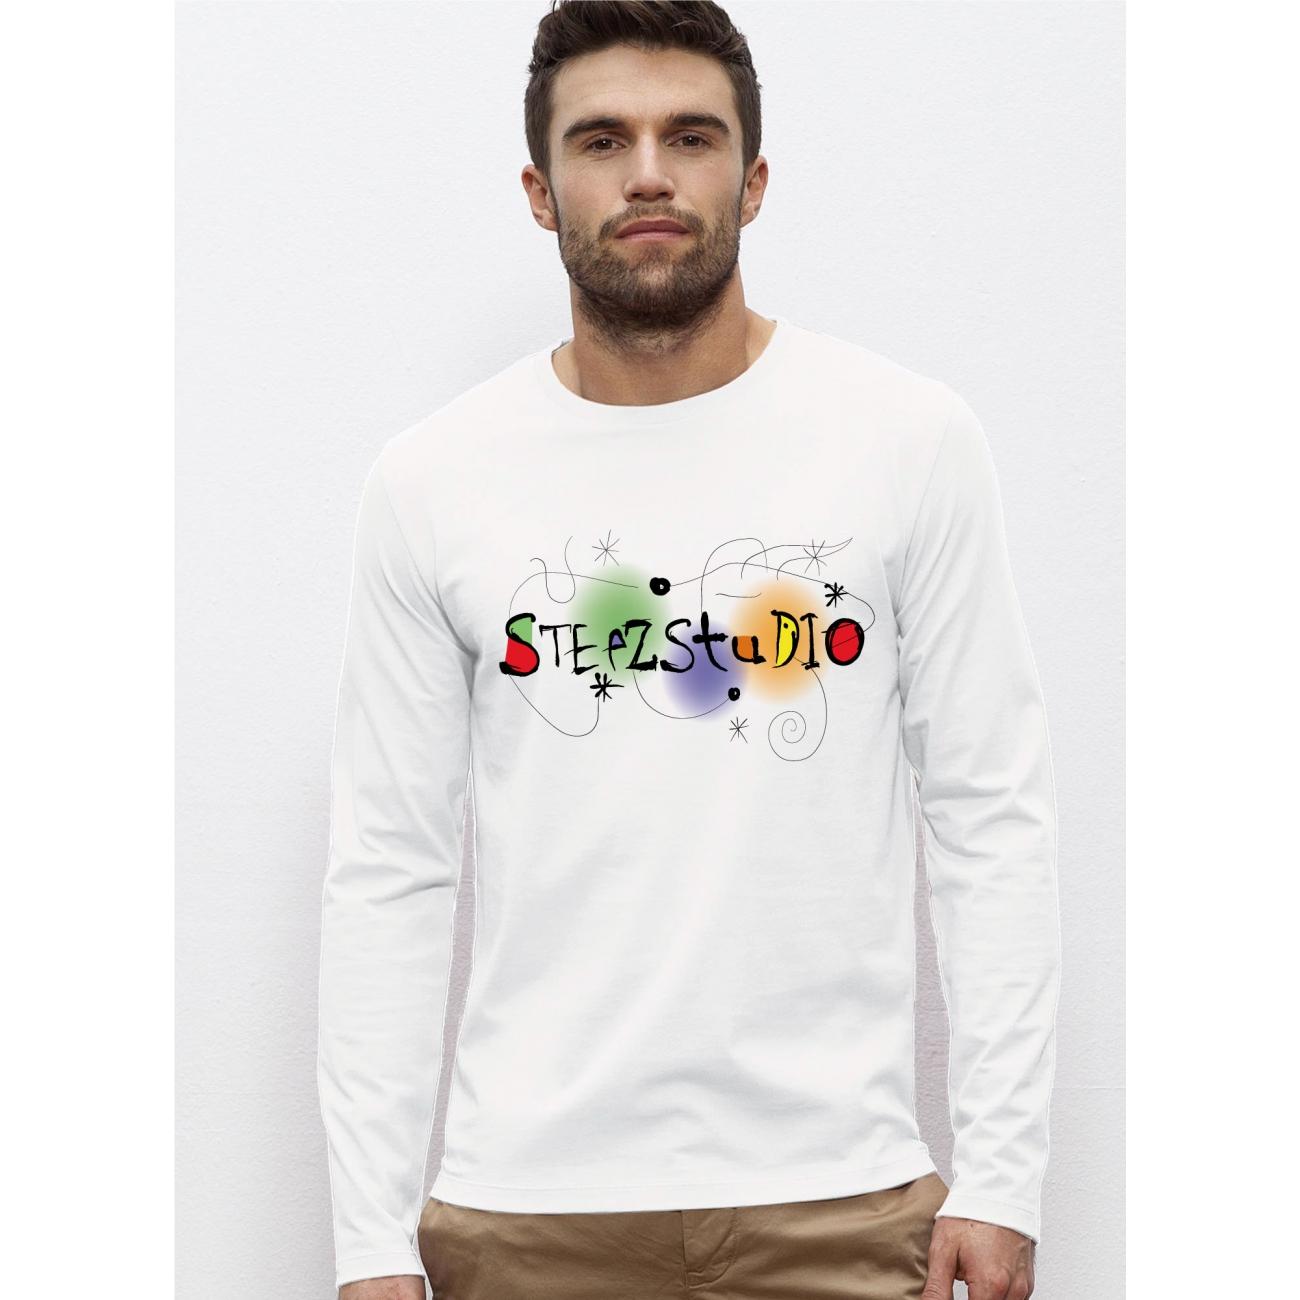 https://tee-shirt-bio.com/2819-thickbox_default/tee-shirt-homme-manches-longues-100-coton-bio-doux-equitable-blanc-imprime-numerique-steez-by-barcelone-.jpg